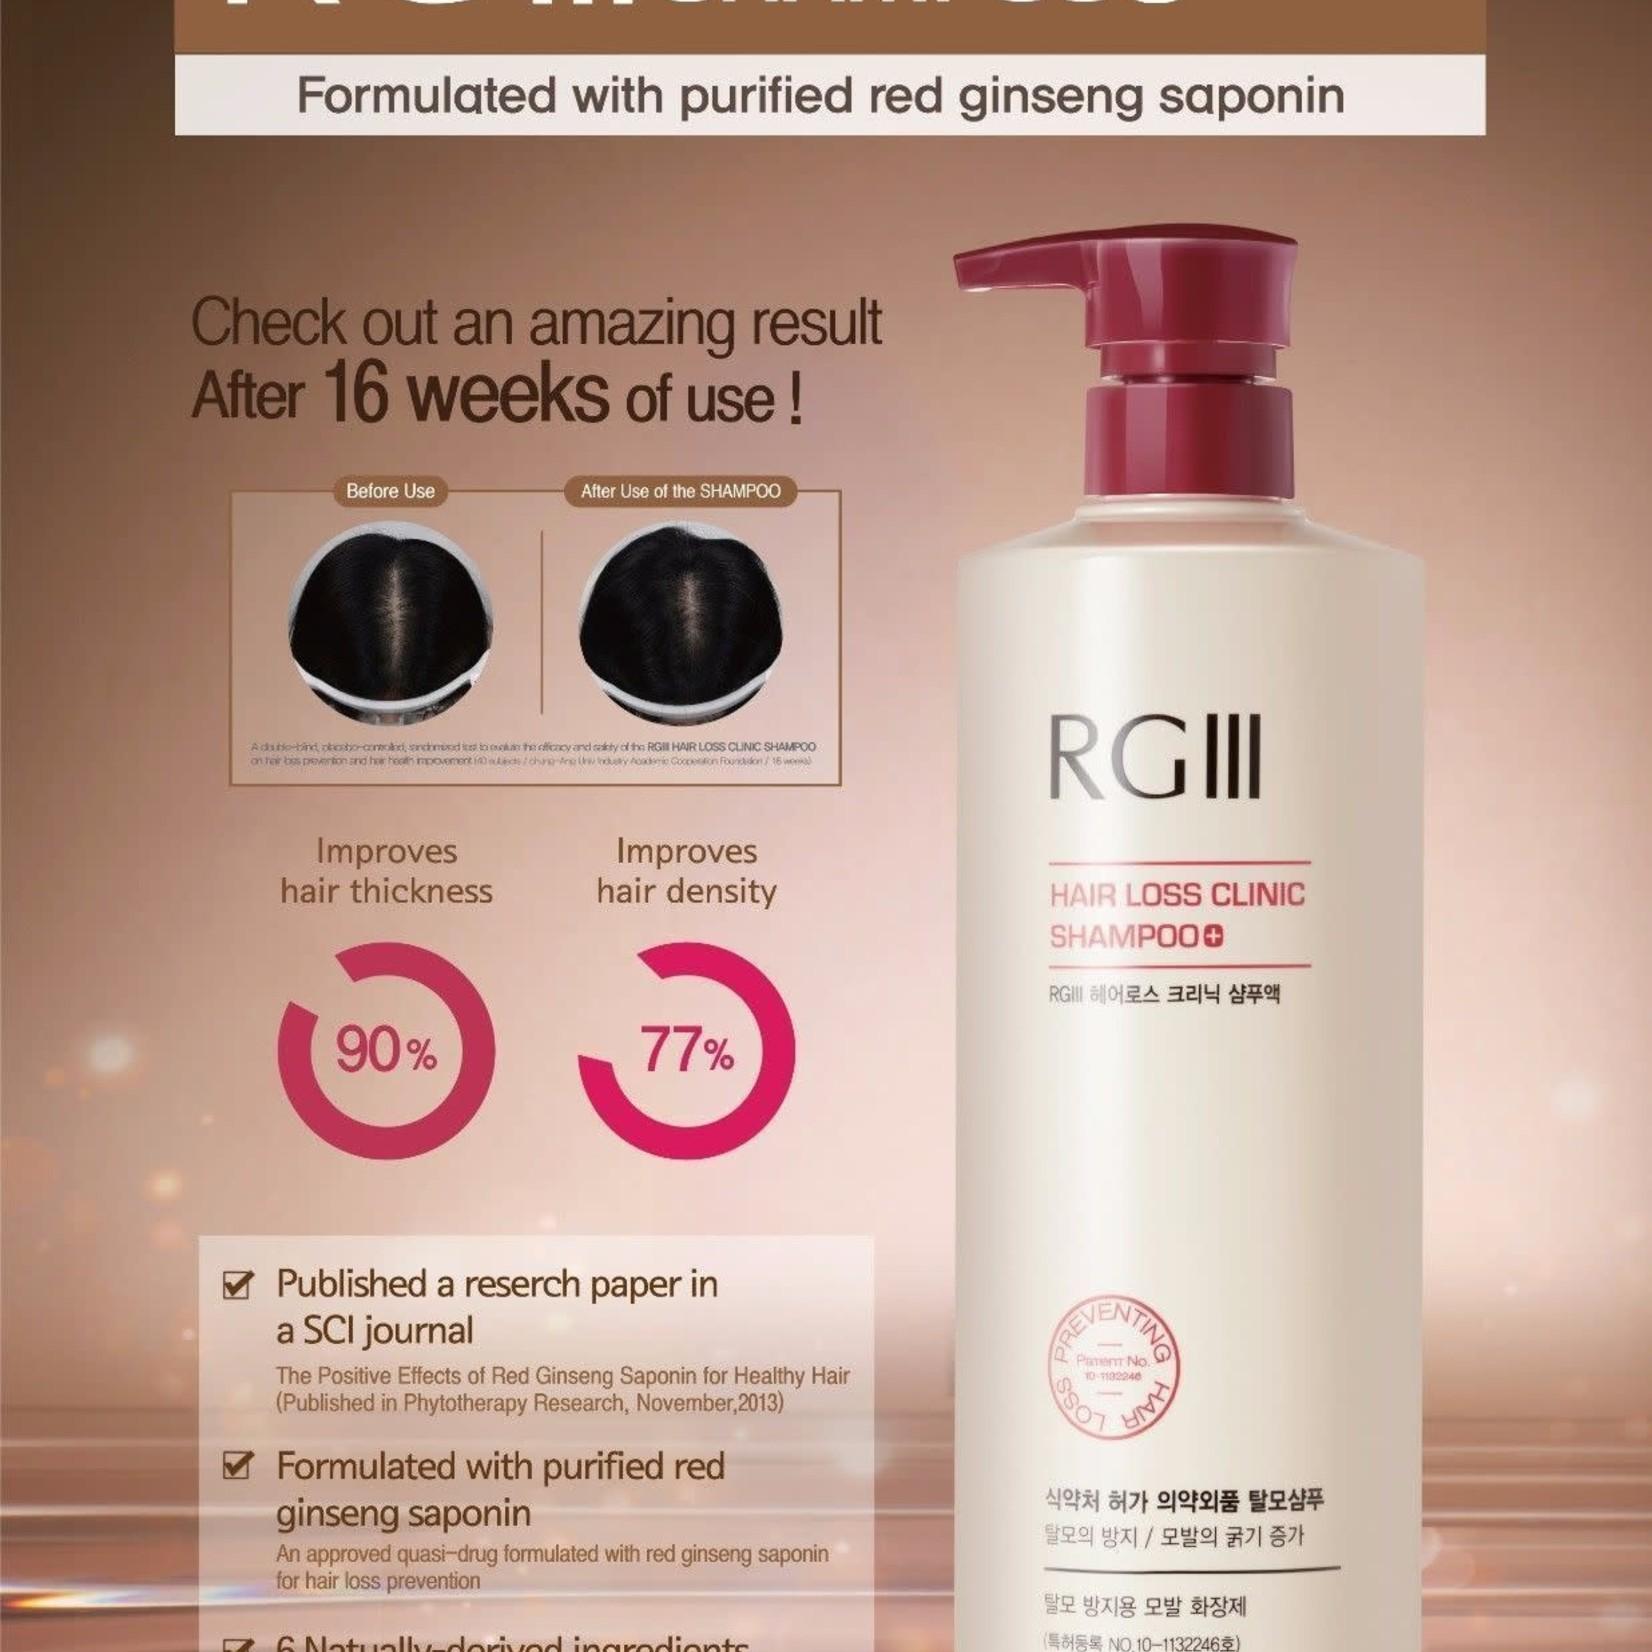 RG III RG III Hair Loss Clinic Shampoo